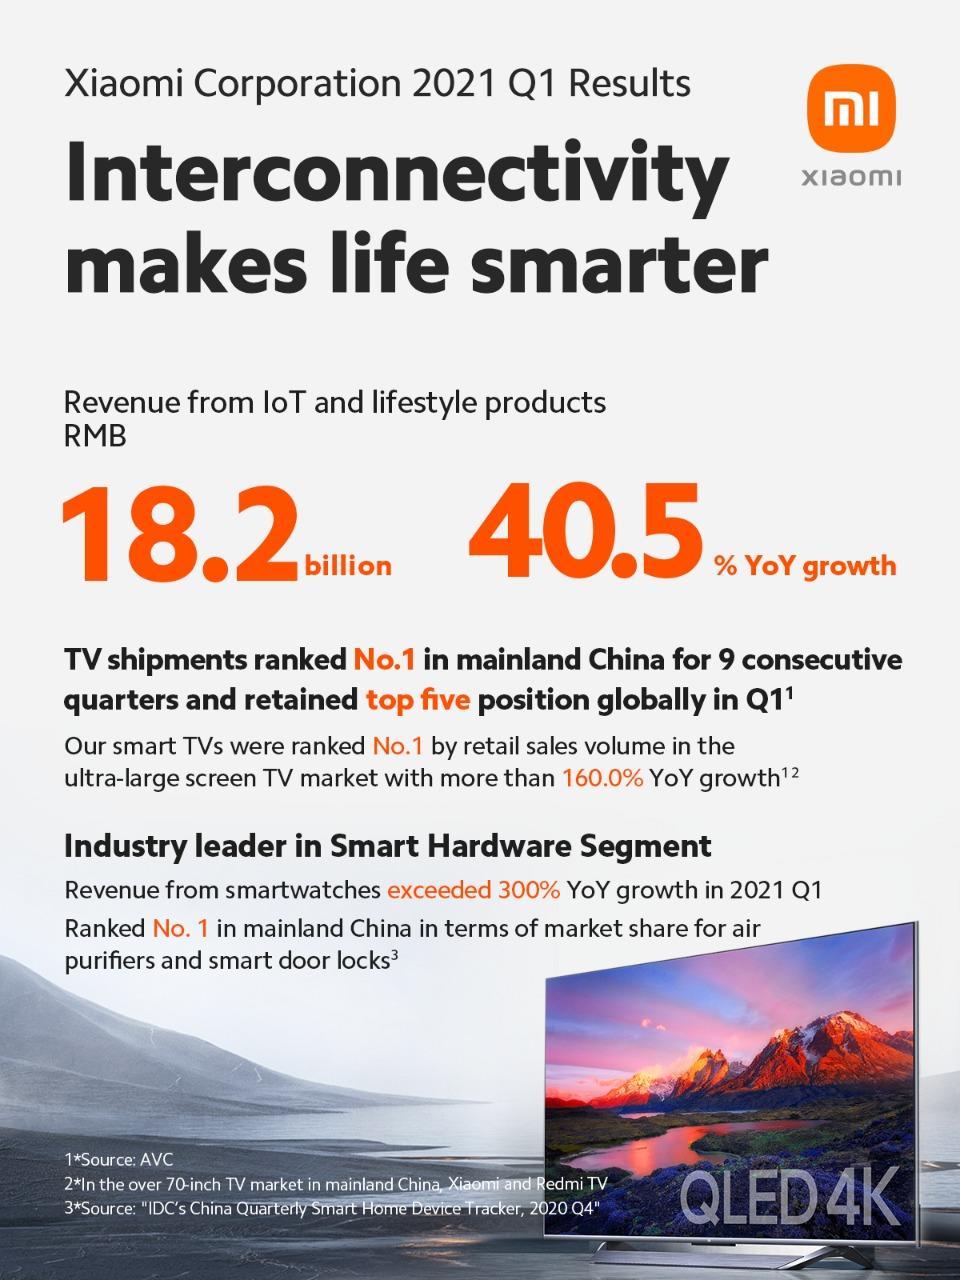 Quý 1.2021, doanh thu và lợi nhuận Xiaomi tăng trưởng cao lịch sử